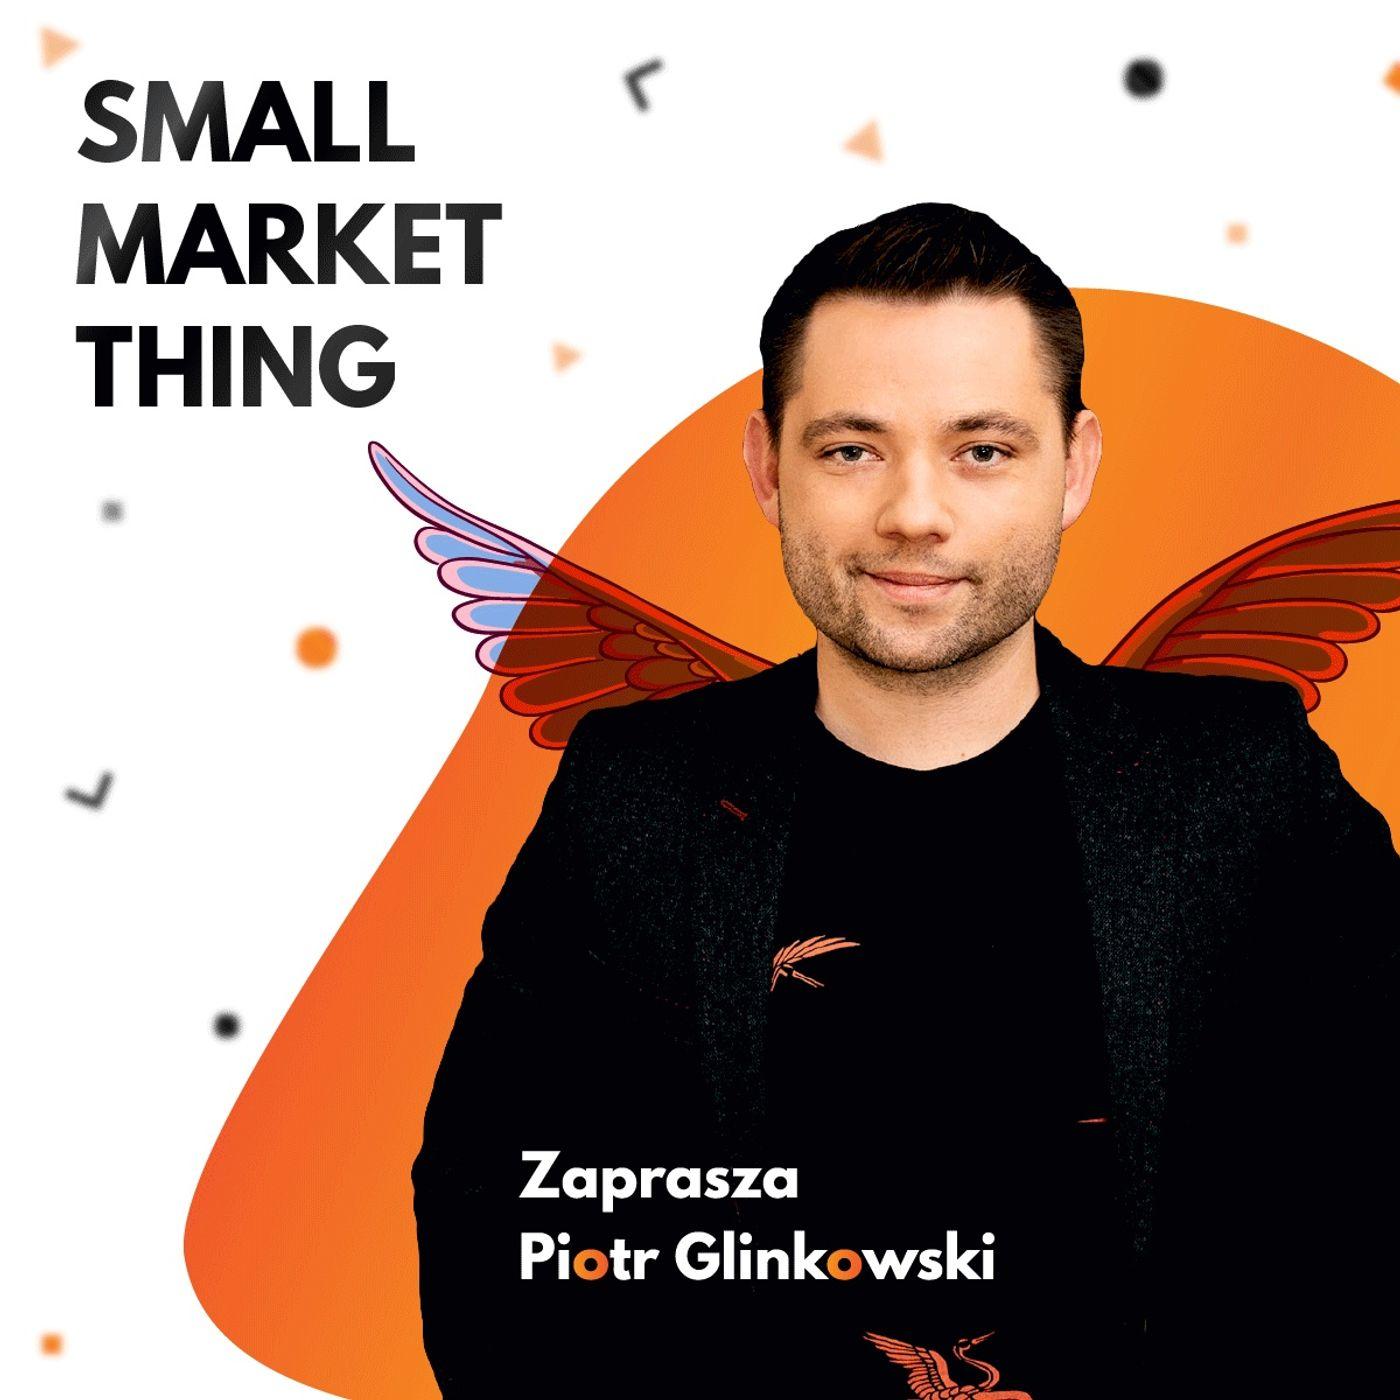 Koniec ery garażowej! W Warszawie powstaje dzielnica innowacji   SMT odc.8